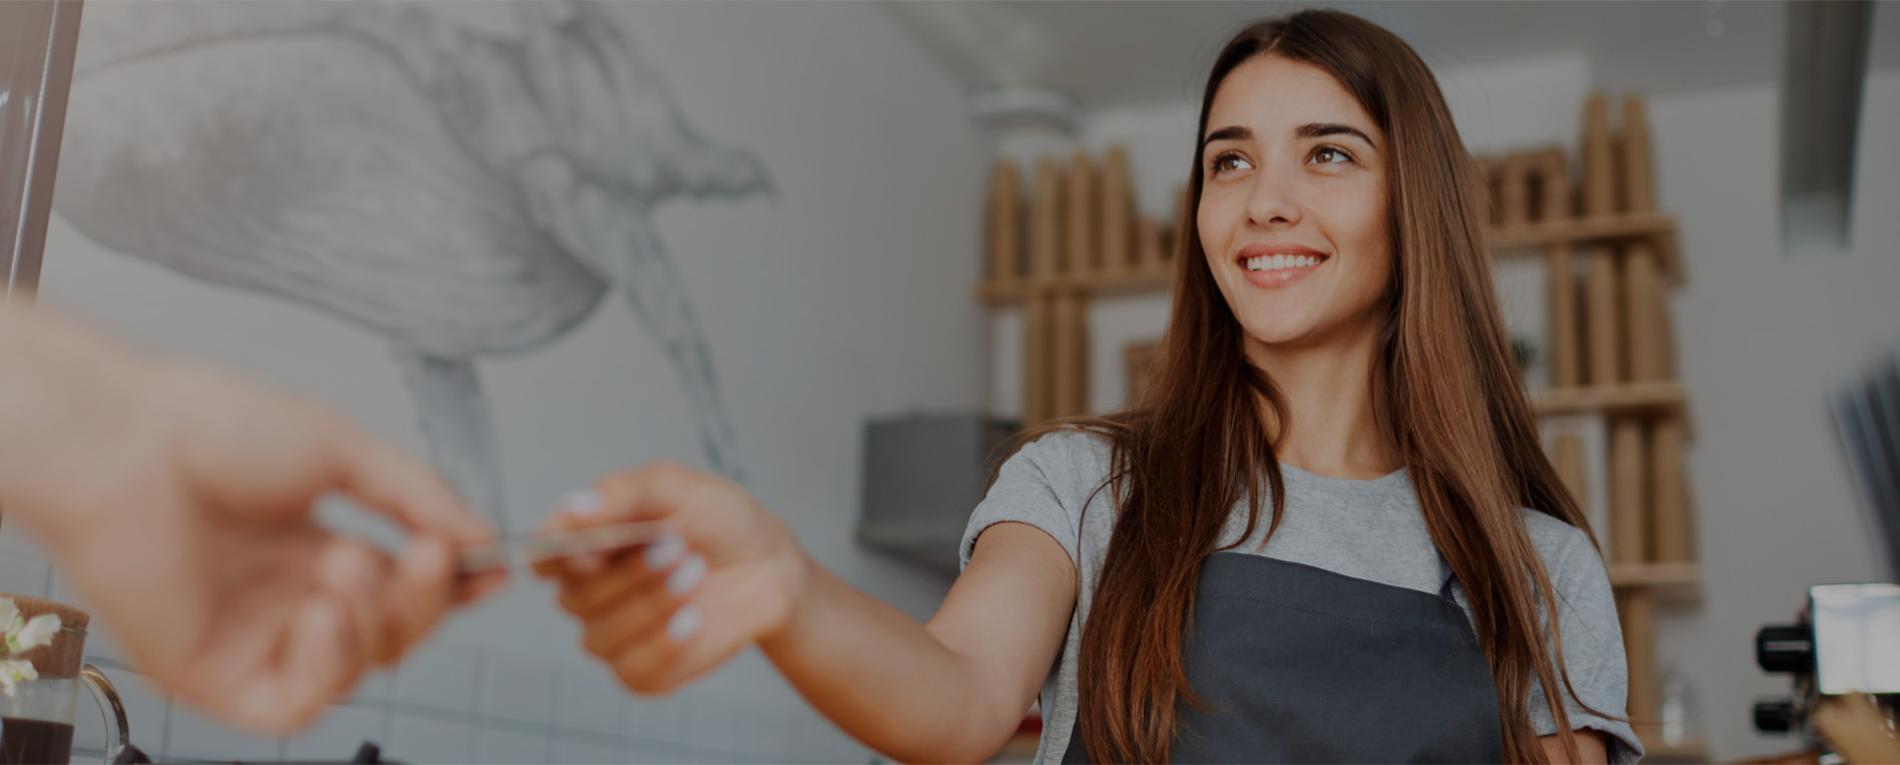 Mujer trabajando en una franquicia de cafeterías